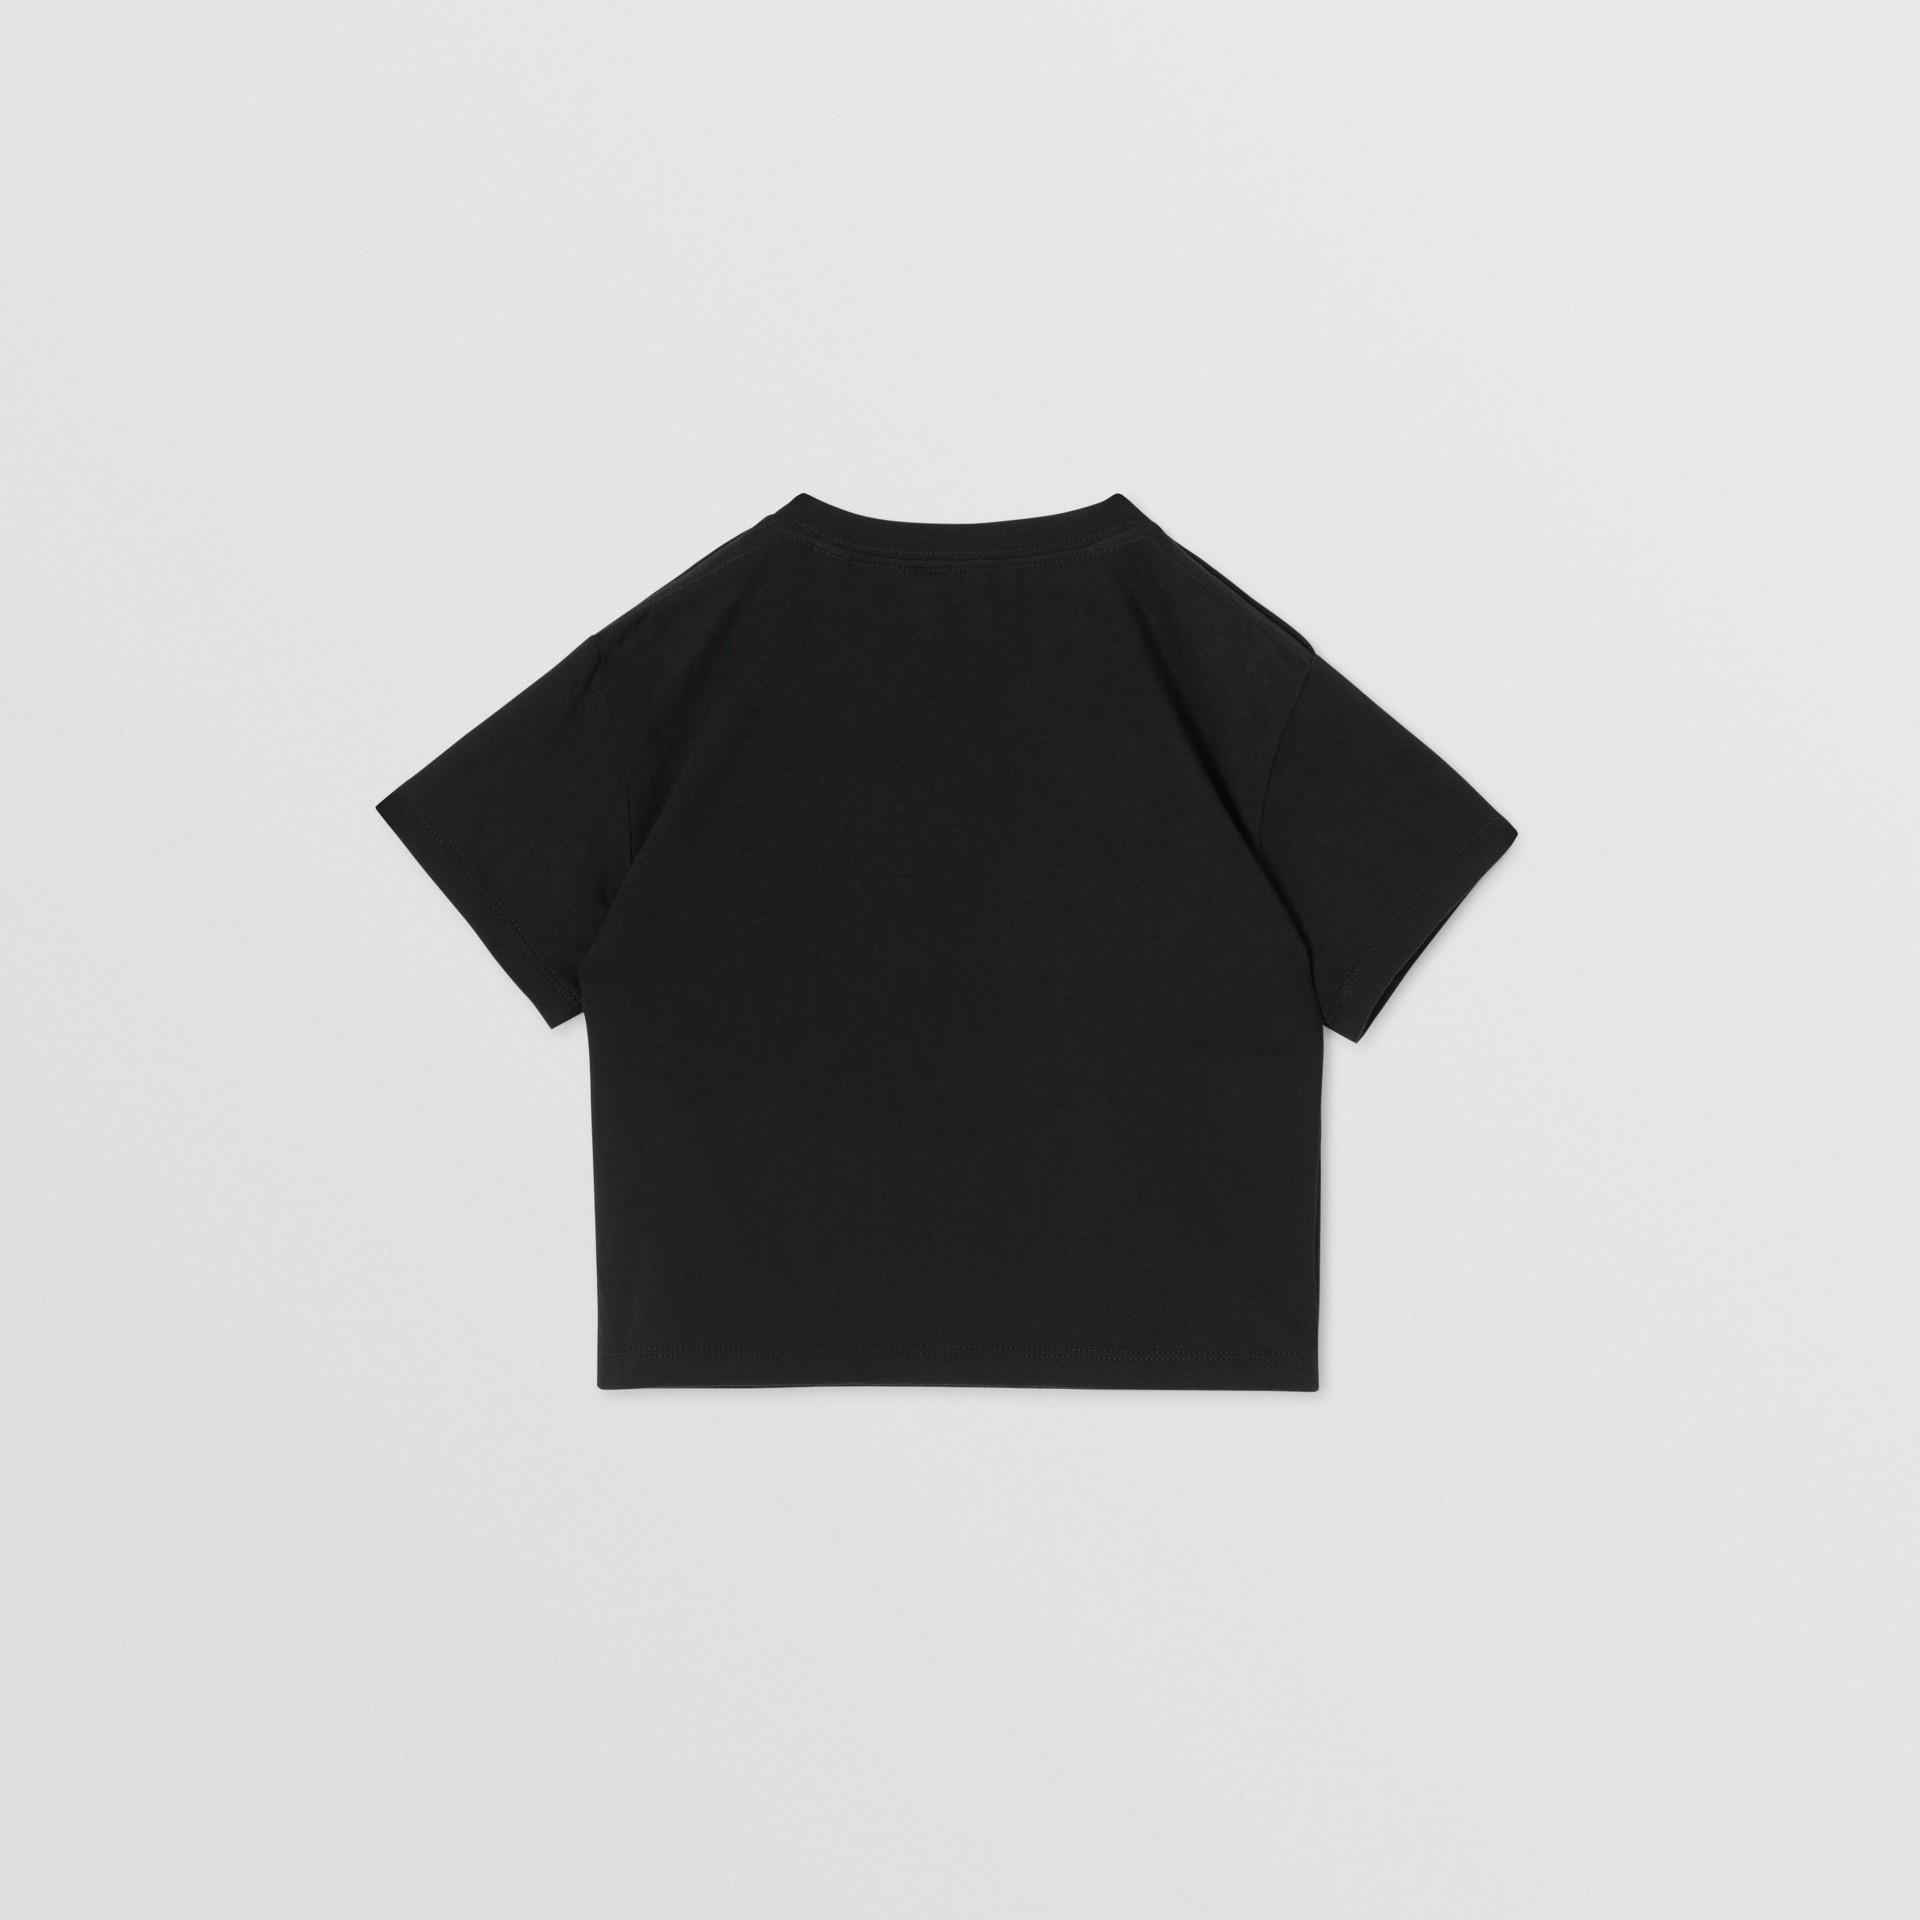 Baumwoll-T-Shirt mit Burberry-Logo (Schwarz) - Kinder | Burberry - Galerie-Bild 4